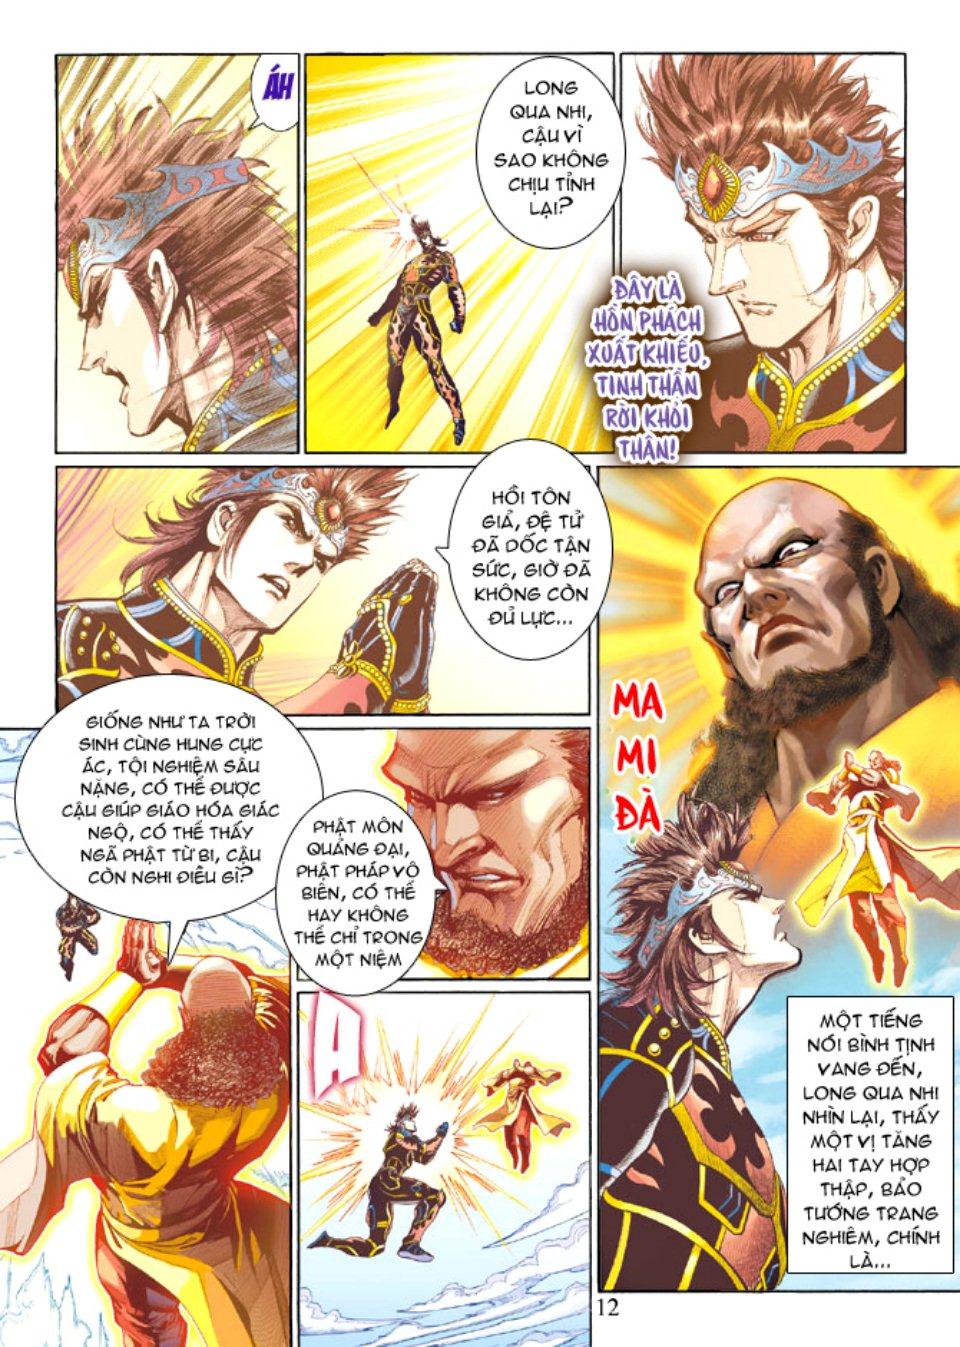 Thiên Tử Truyền Kỳ 5 – Như Lai Thần Chưởng chap 214 – End Trang 12 - Mangak.info